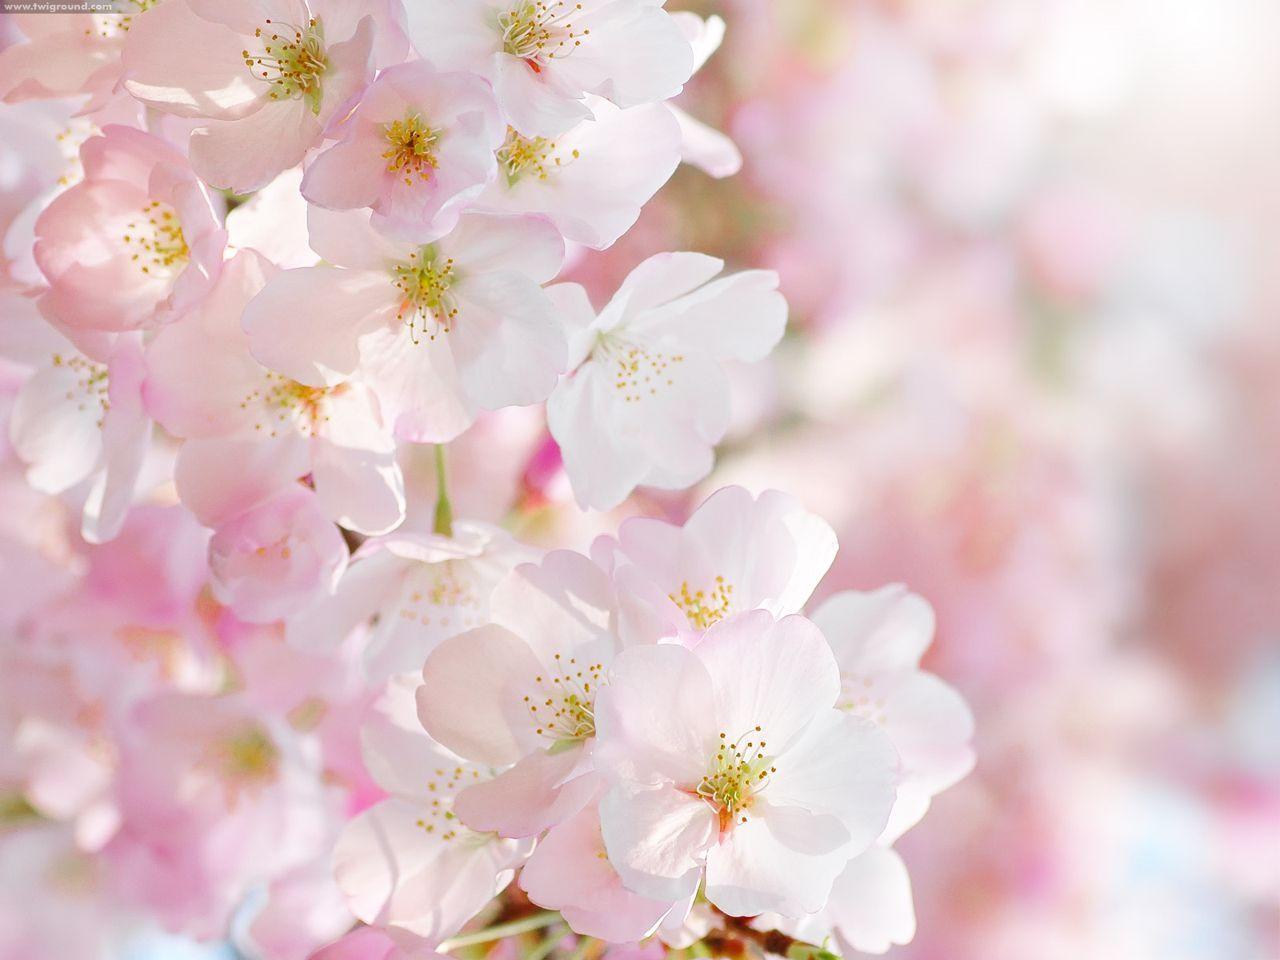 Những hình ảnh hoa anh đào làm hình nền đẹp lộng lẫy - Blog hoa đẹp |  Flower photos, Flowers, Beautiful flowers